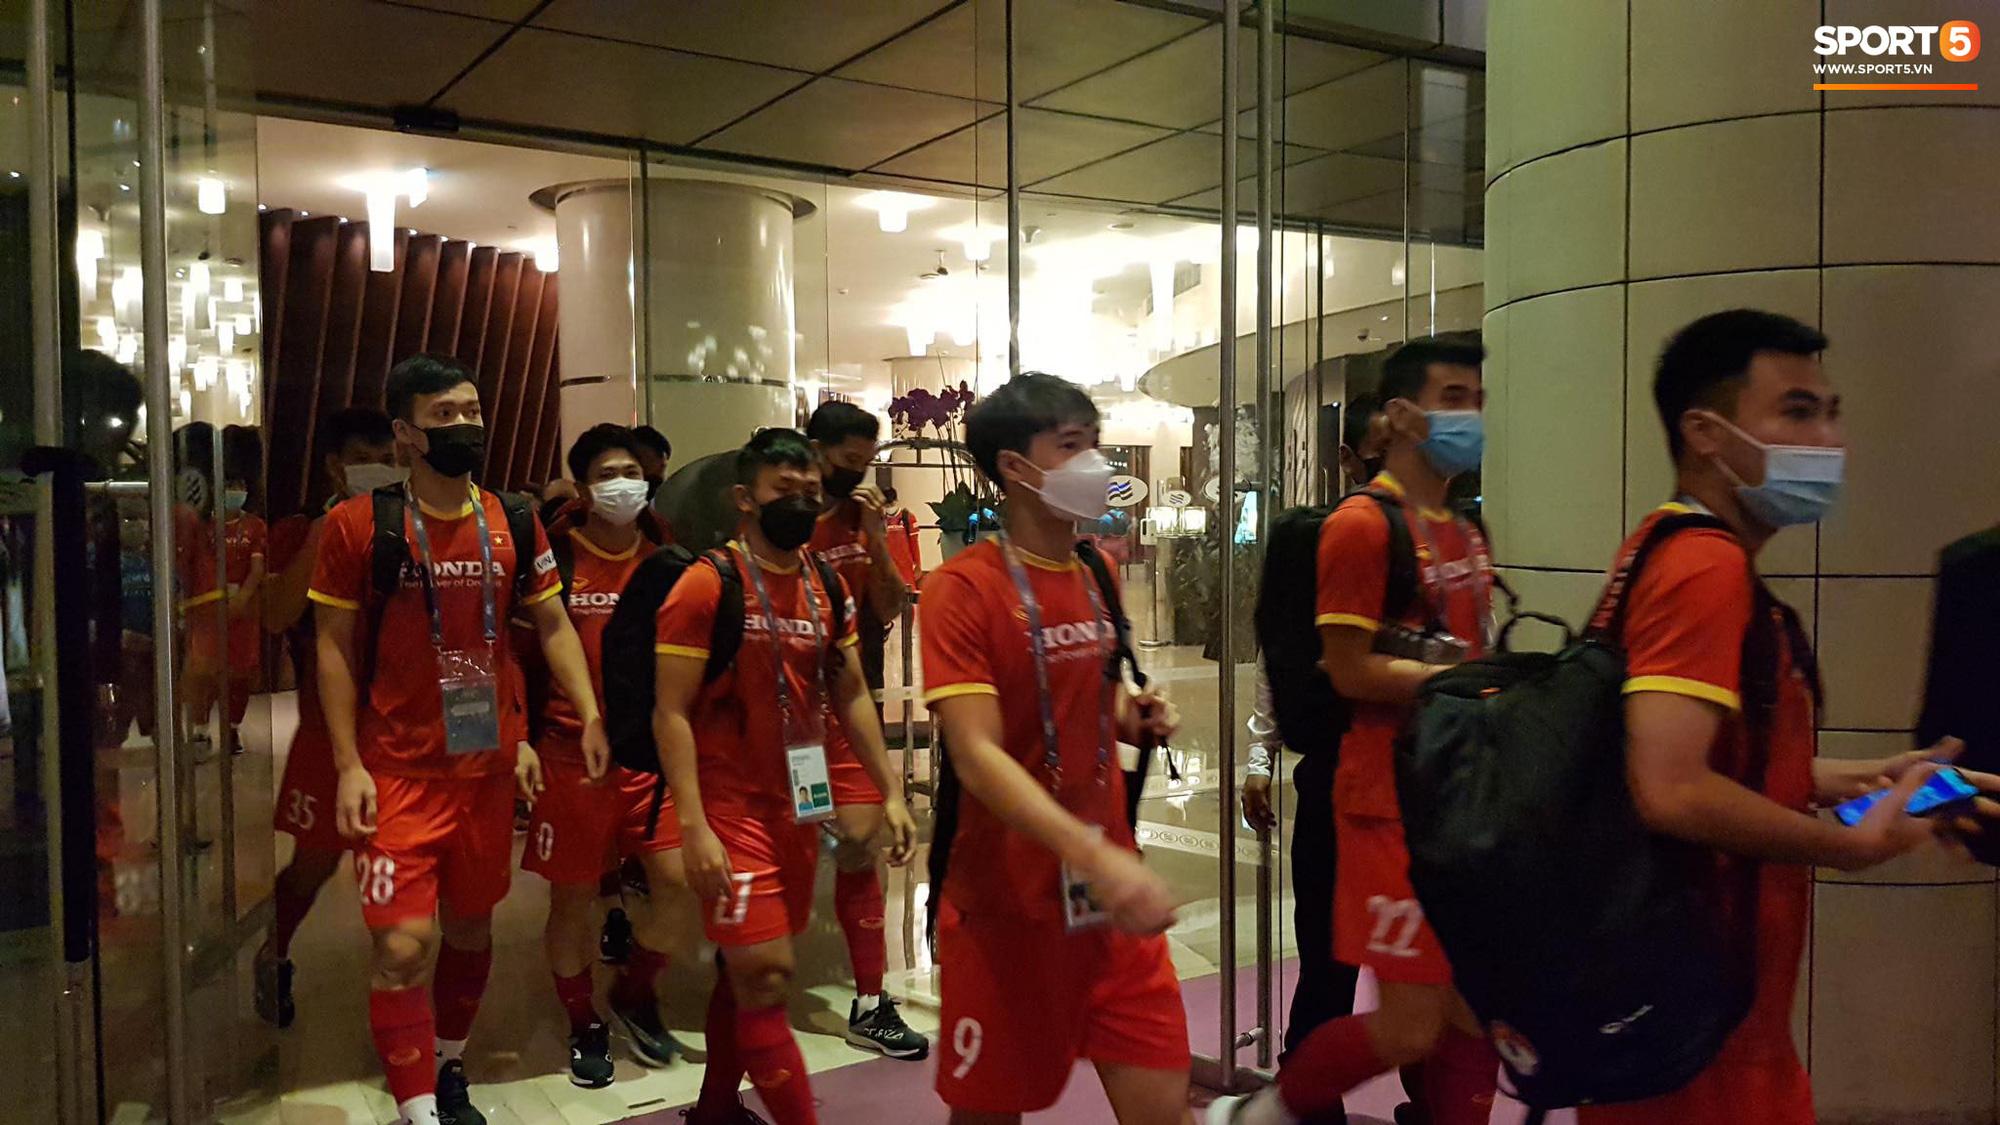 Tuyển Việt Nam lên chuyến bay lúc nửa đêm để về nước sau khi giành được chiến tích lịch sử tại vòng loại World Cup - Ảnh 26.